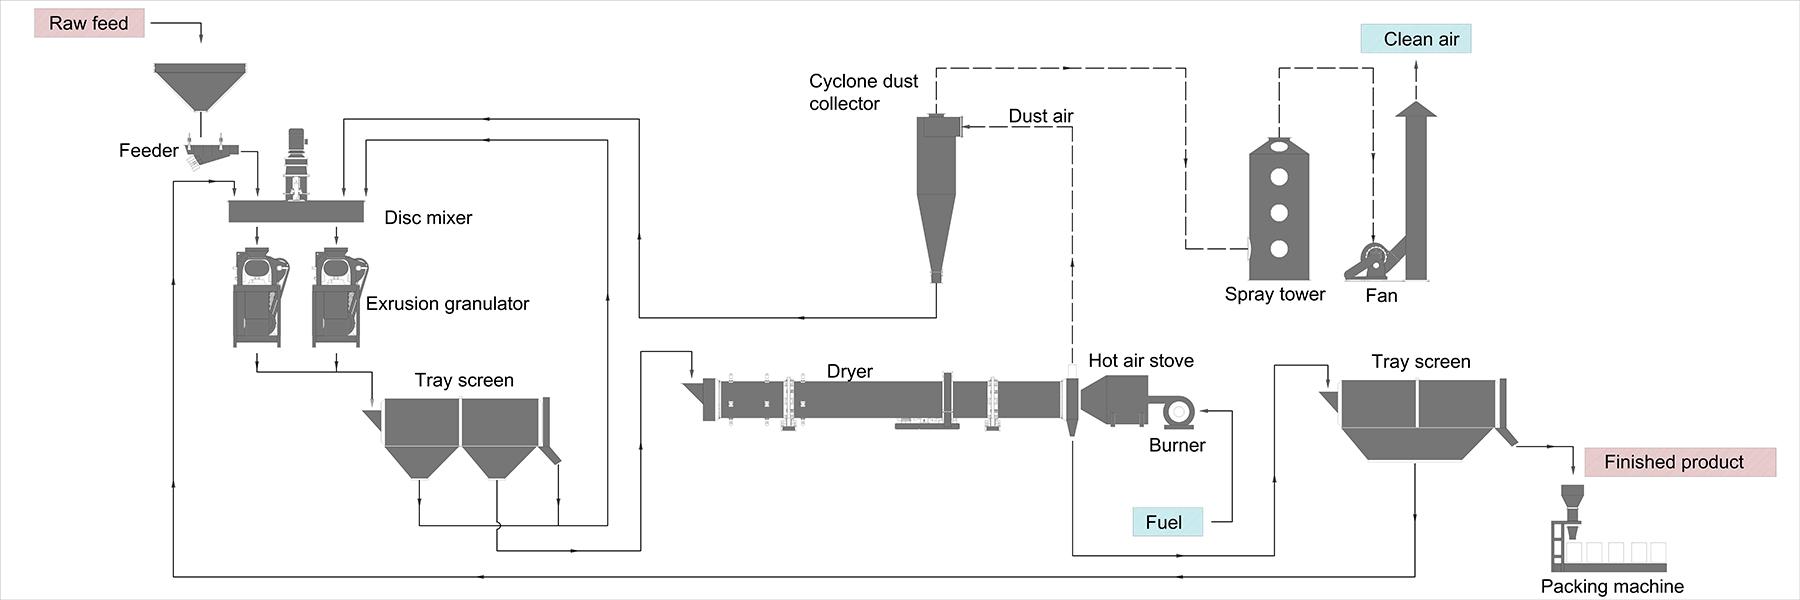 简易流程-挤压(1)1